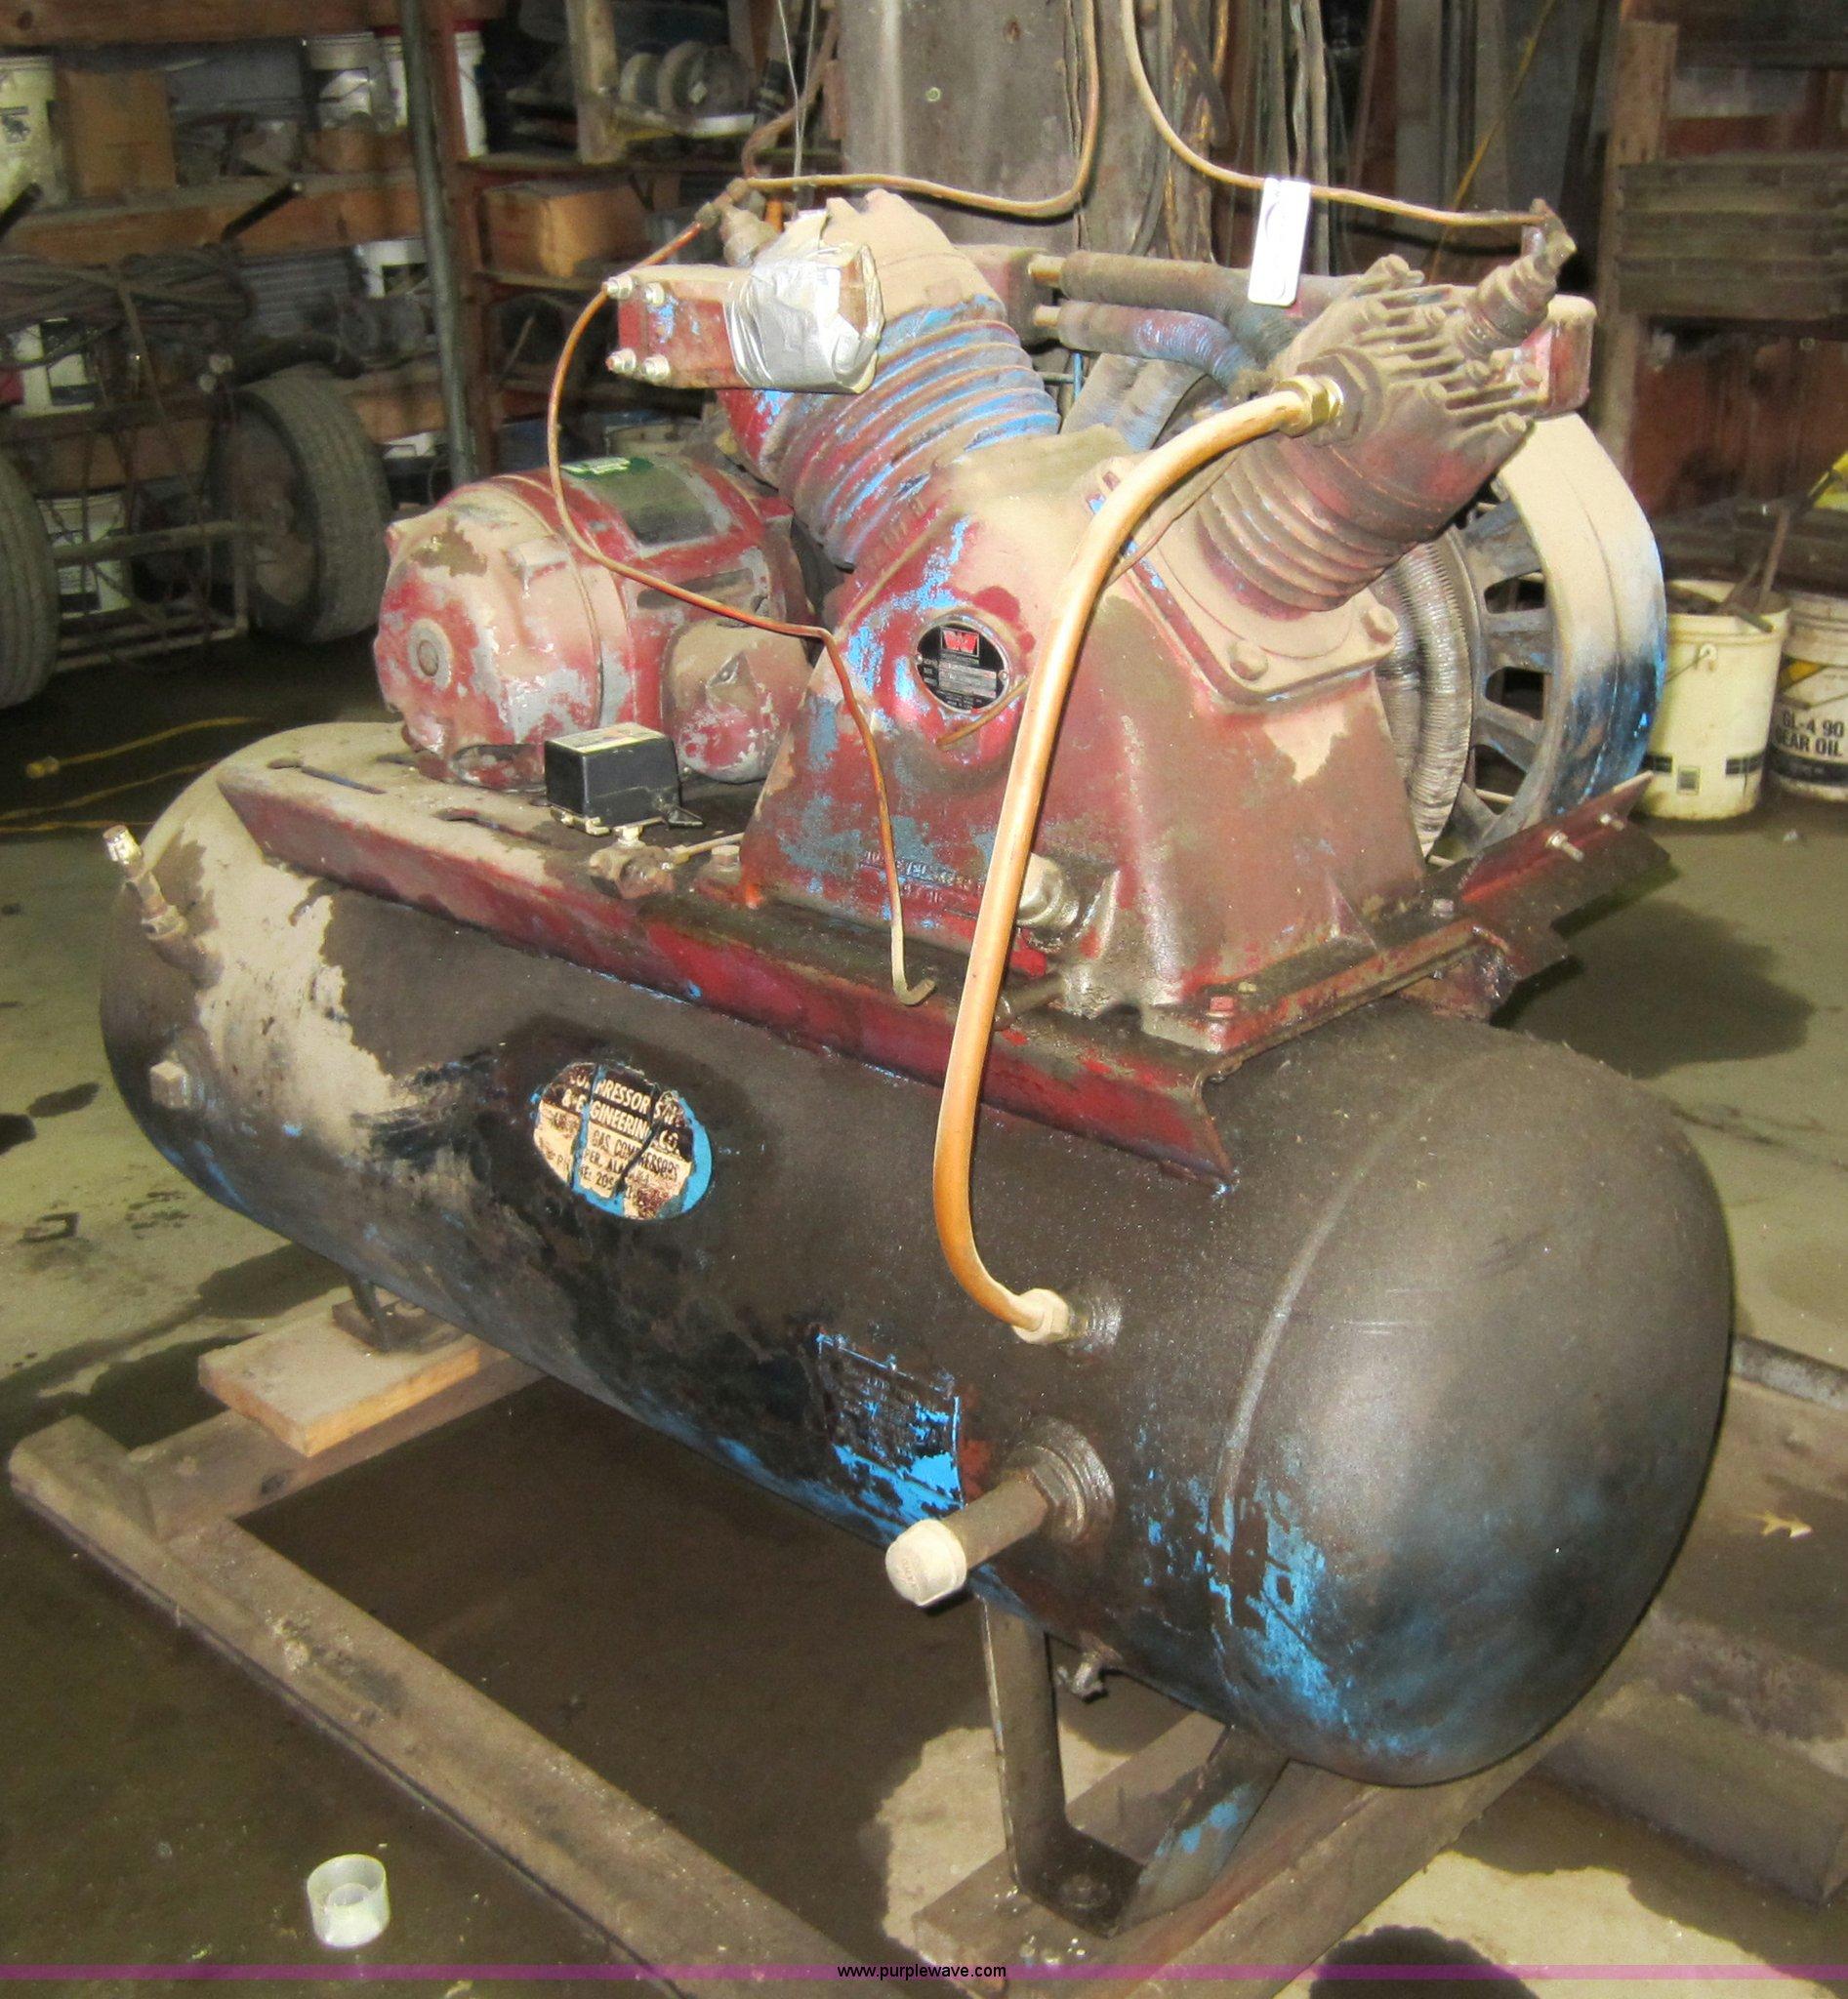 worthington air compressor item v9013 sold april 4 midw rh purplewave com Worthington Compressor V2a4-3 Worthington Compressor V2a4-3